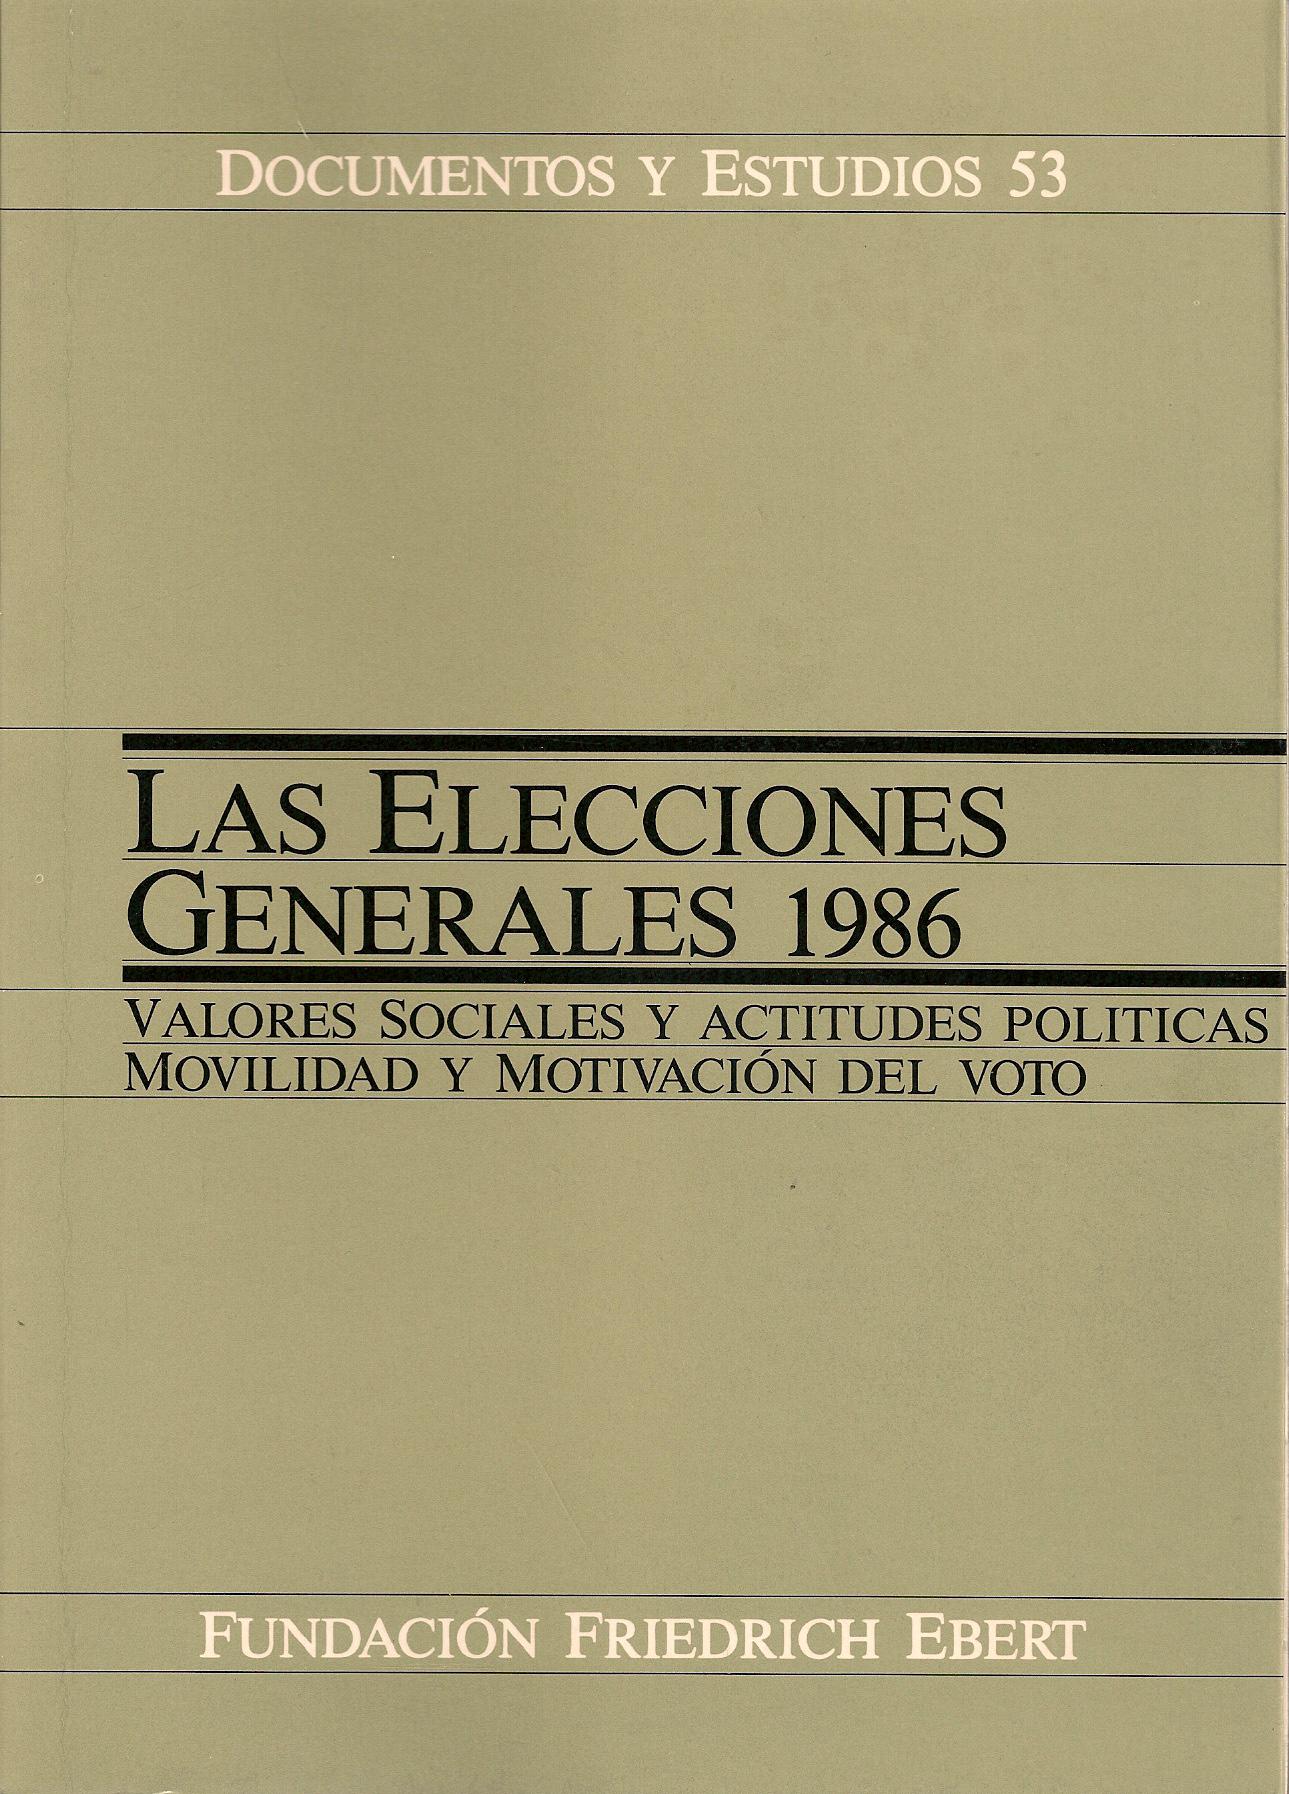 Las elecciones generales 1986